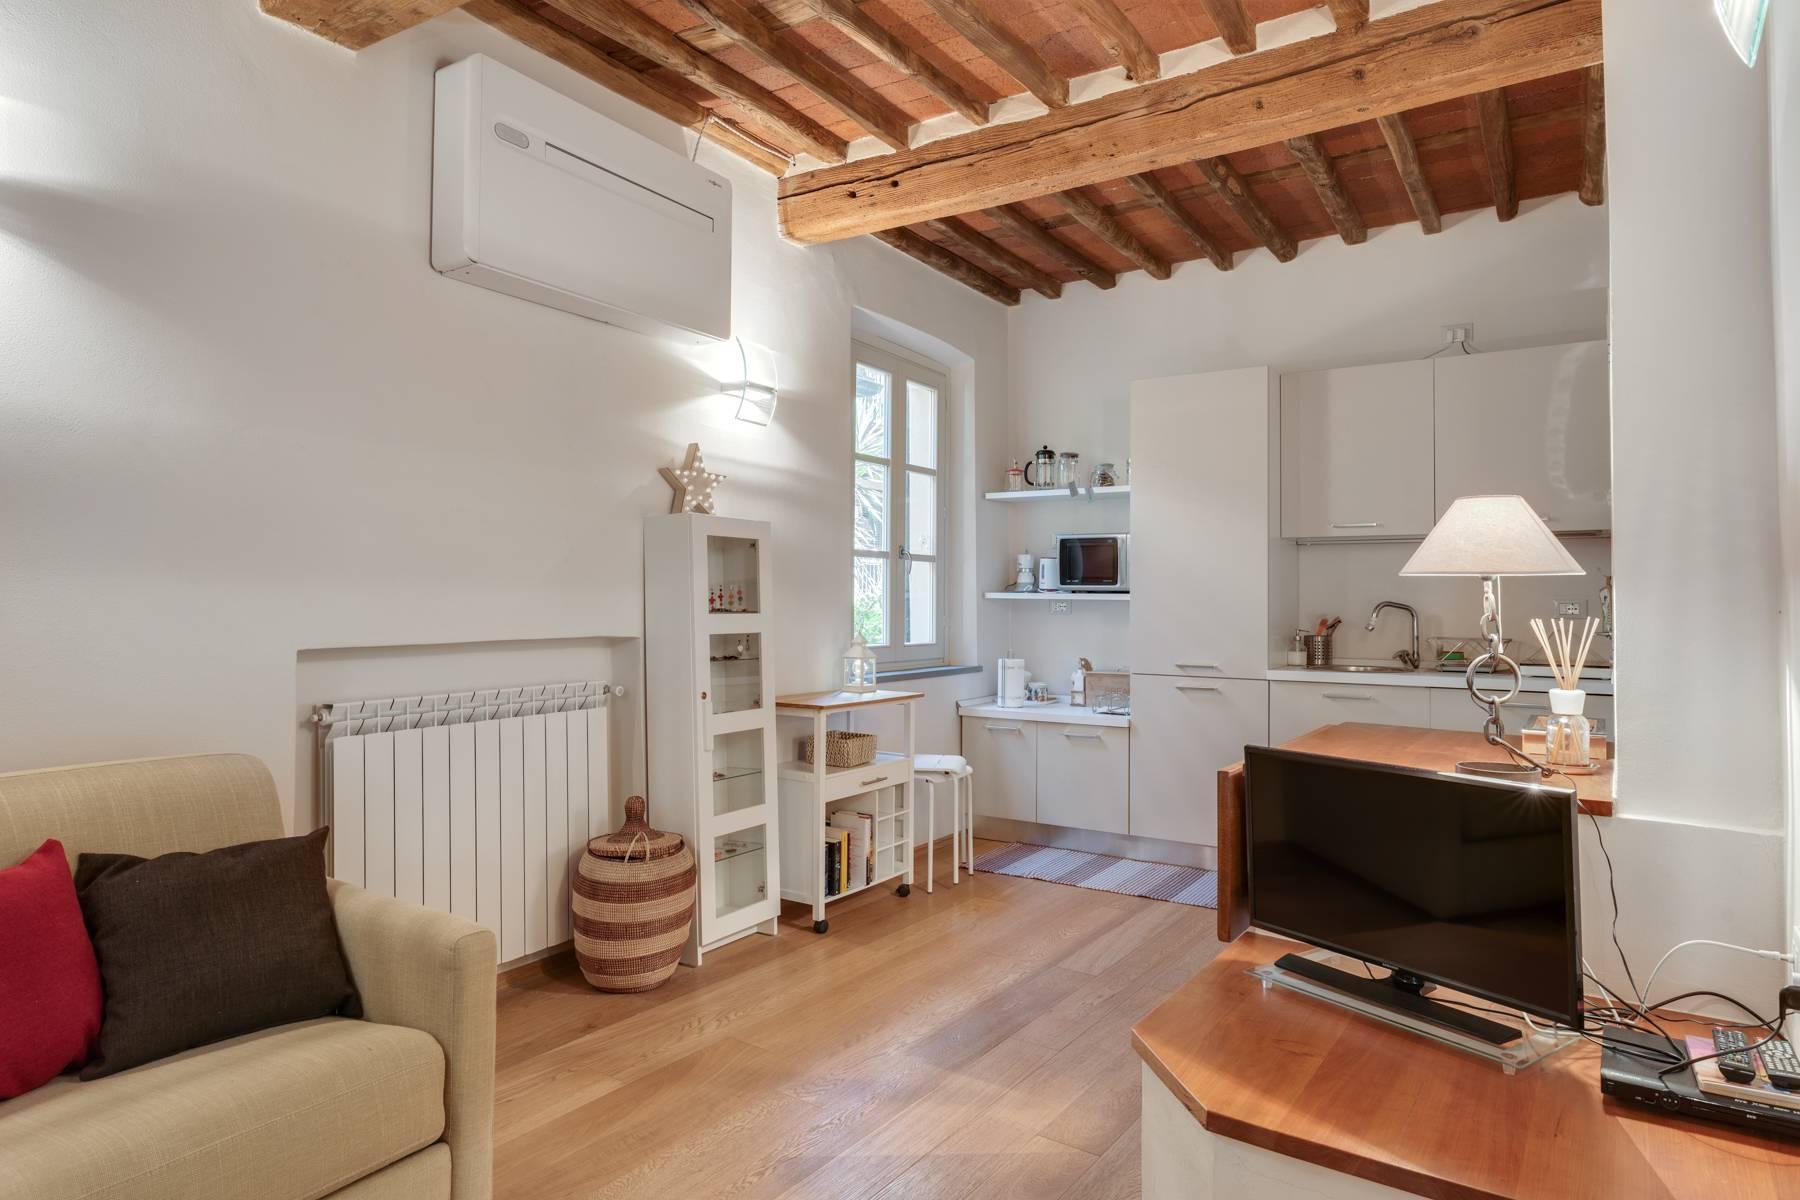 Grazioso appartamento indipendente nel cuore di Lucca - 12